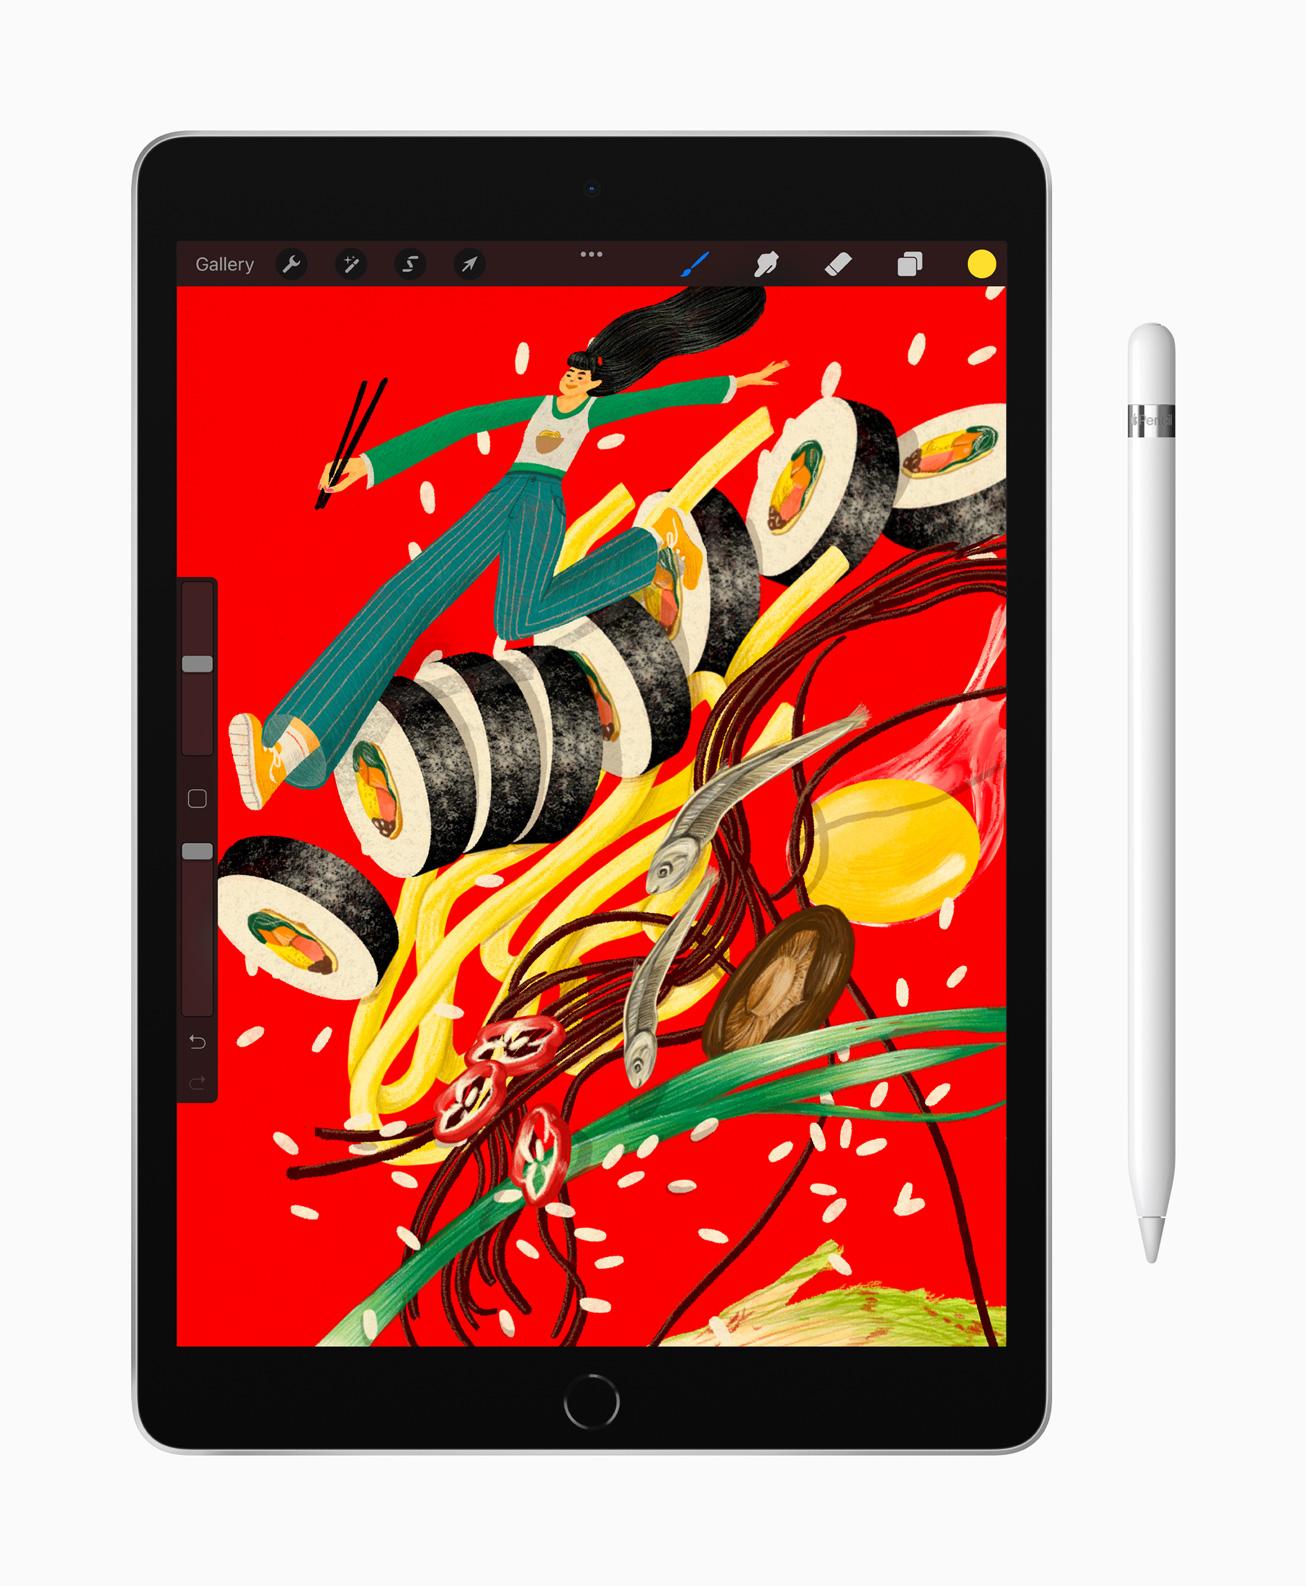 ontop.vn Apple iPad 10 2 inch ProCreate Pencil 09142021